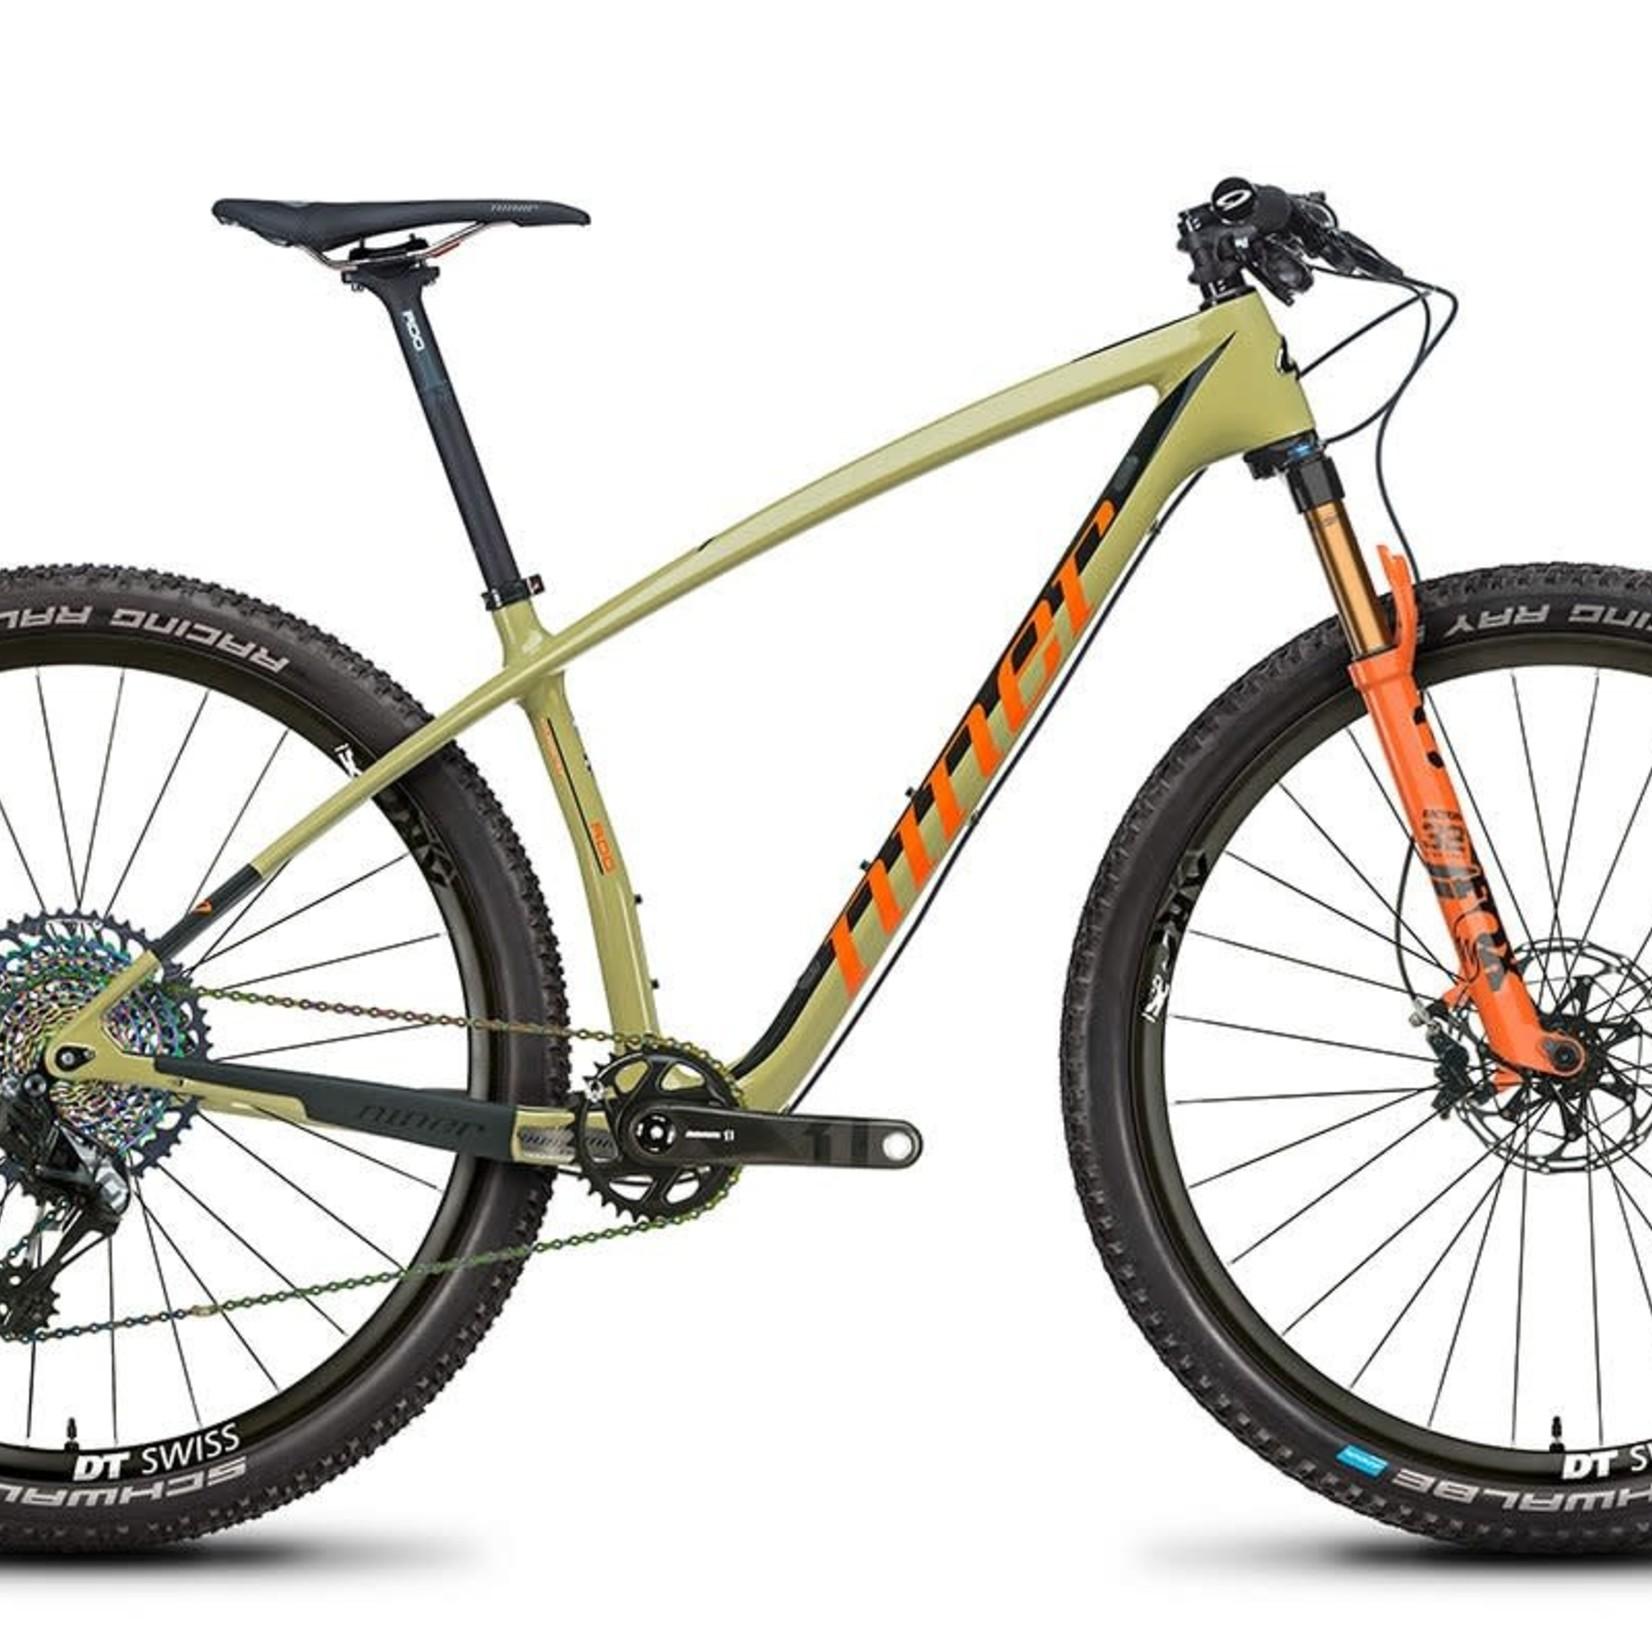 Niner Bikes - Niner - Air 9 RDO - 5 Star X01 AXS - Med